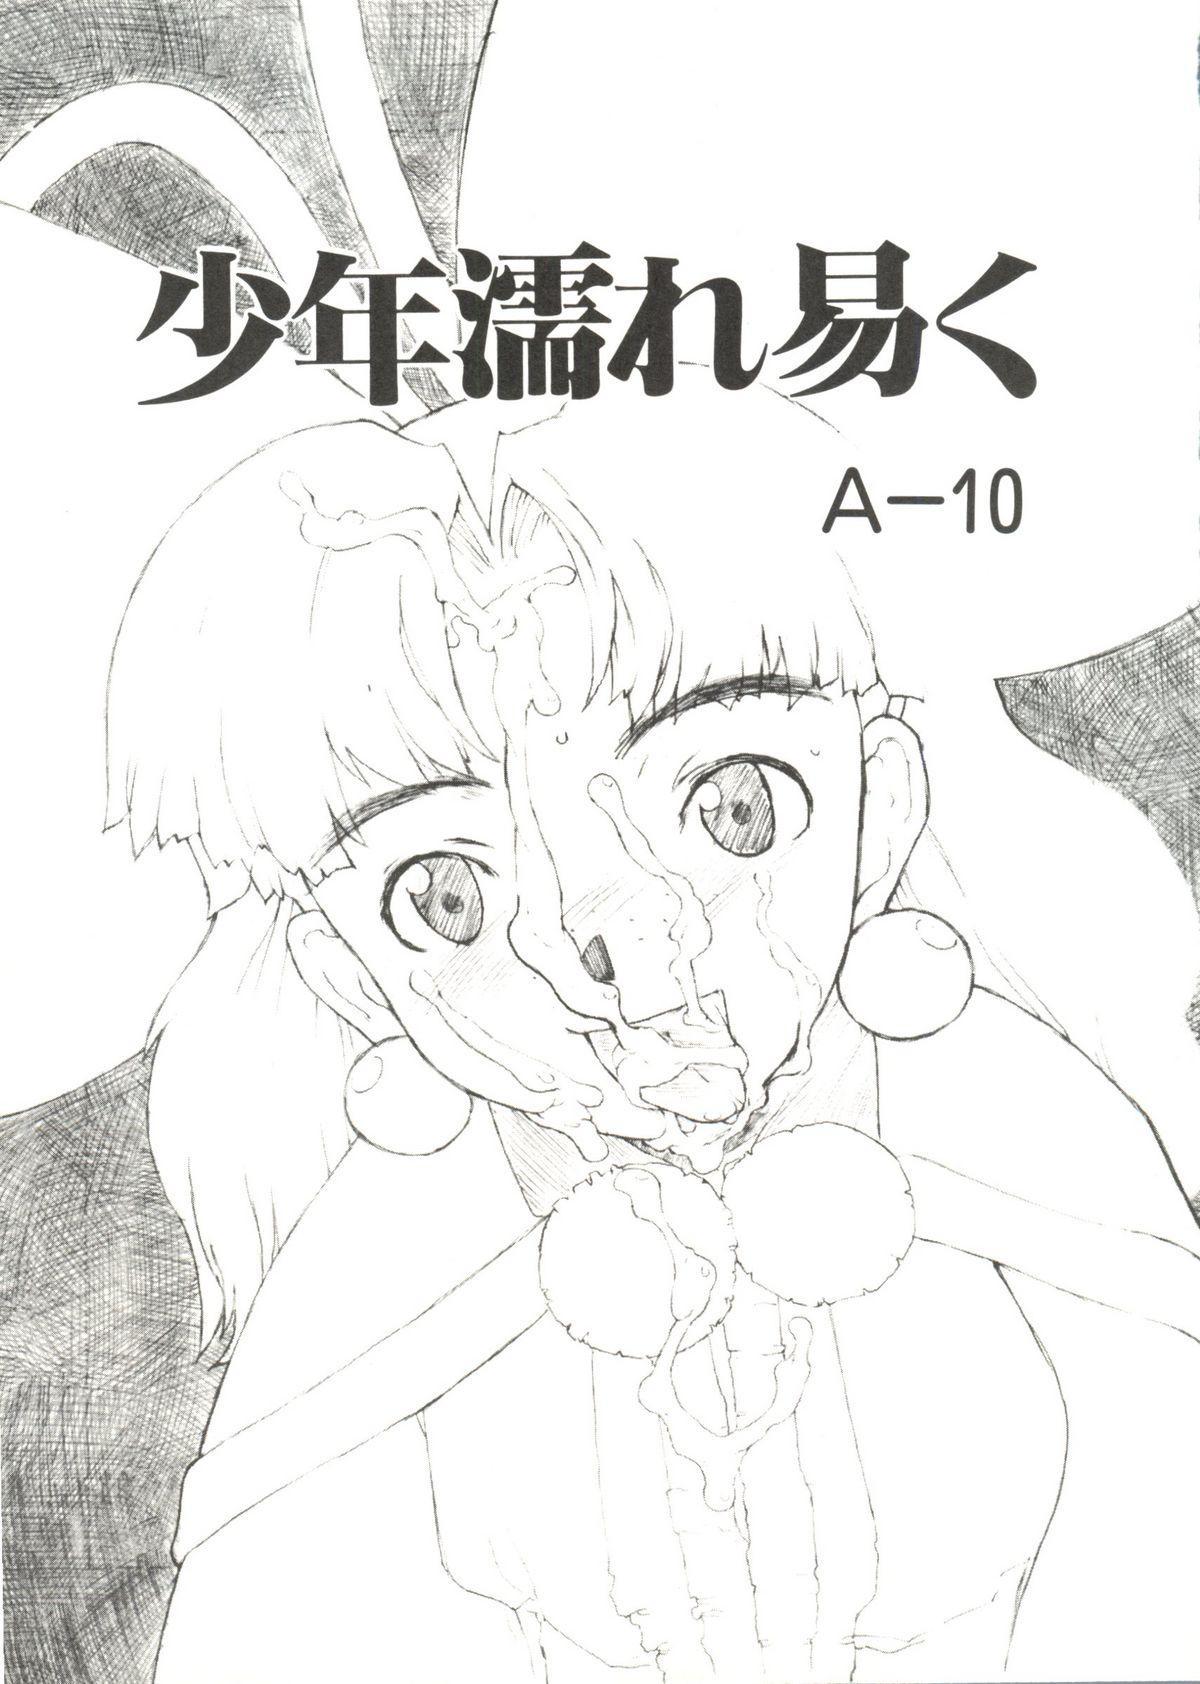 Denei Tamate Bako Bishoujo Doujinshi Anthology Vol. 2 - Nishinhou no Tenshi 116